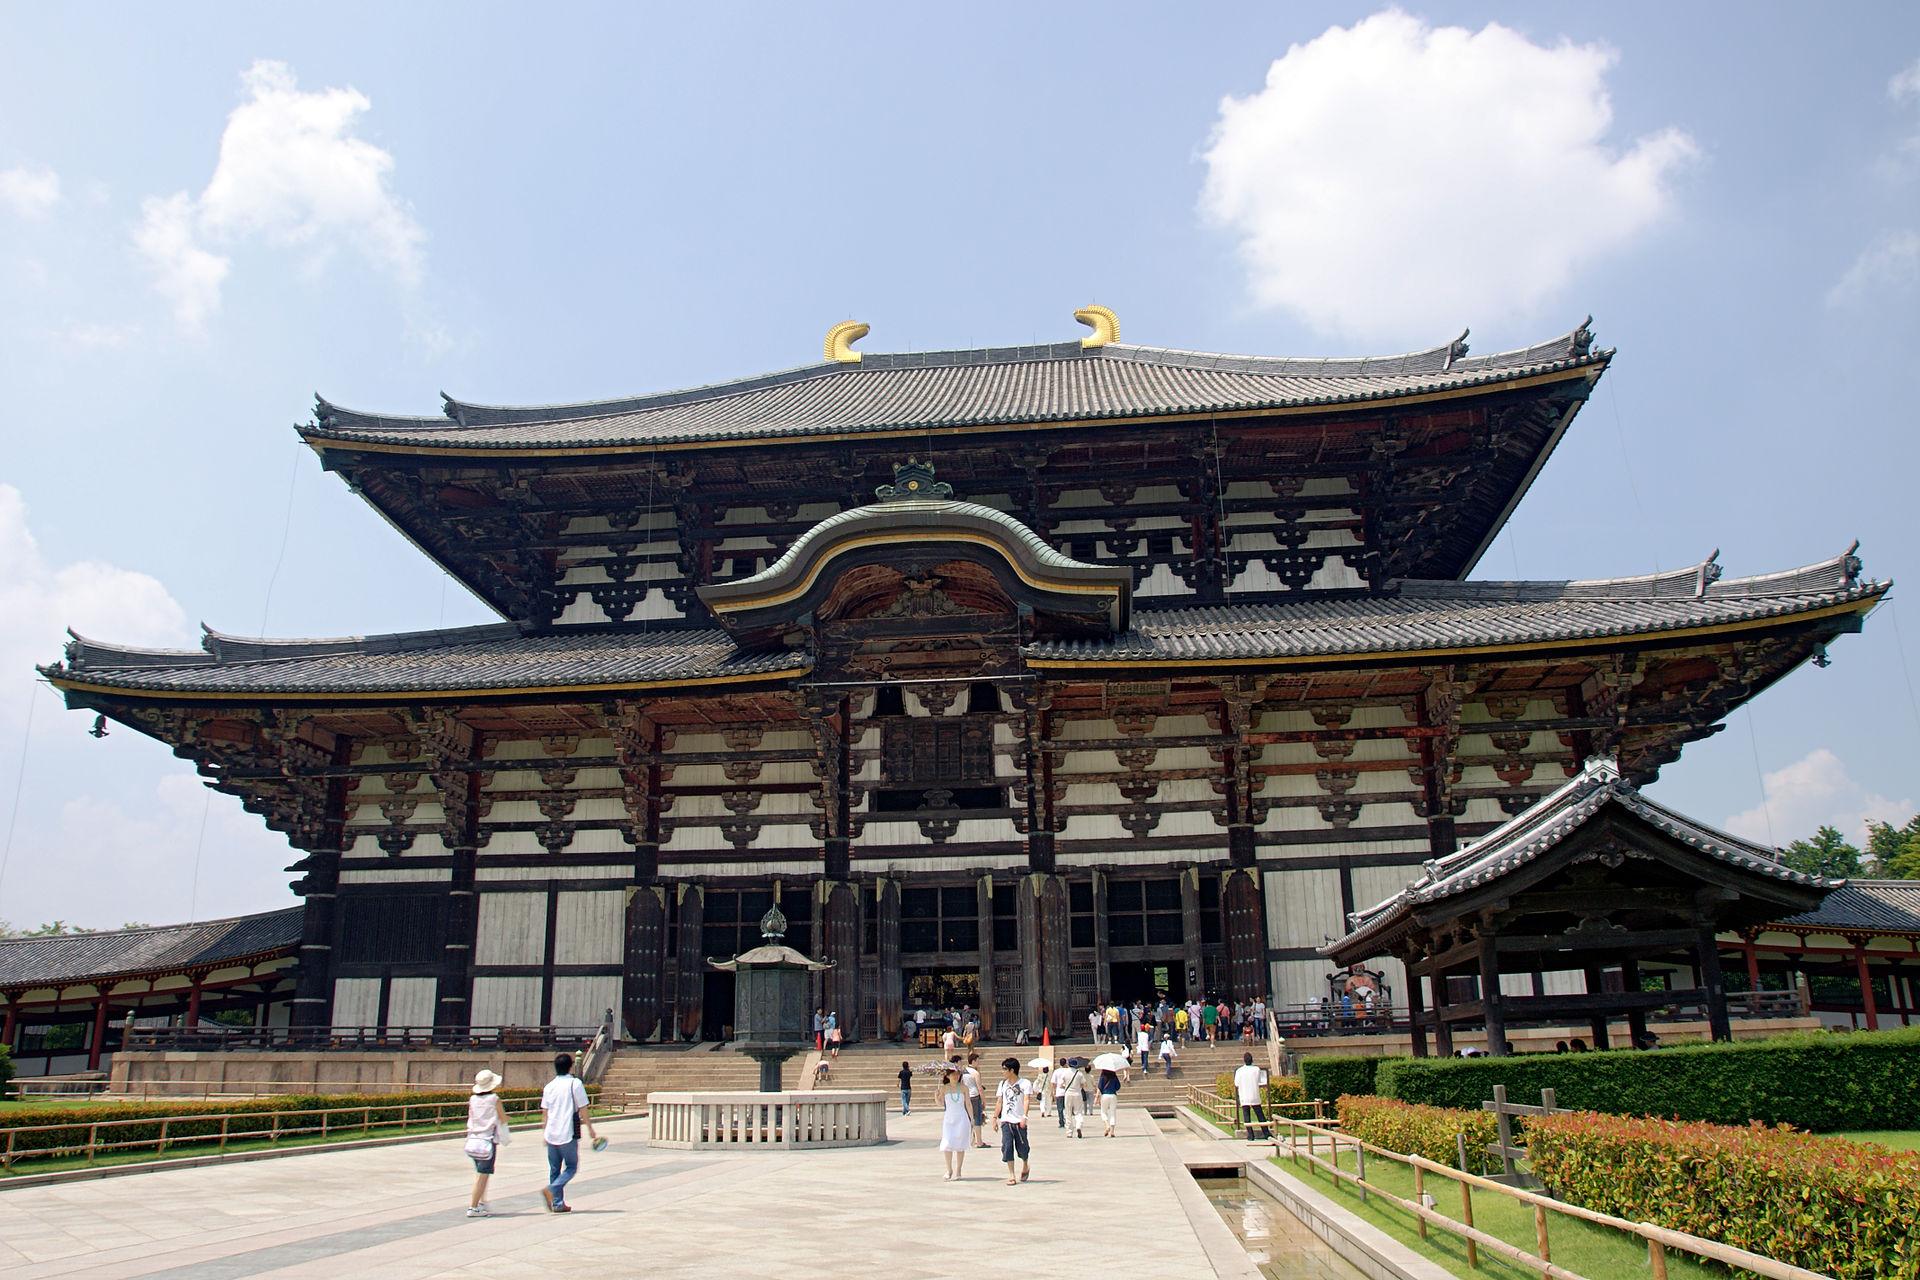 10 เมืองหลักที่น่าเที่ยวของญี่ปุ่น-นารา